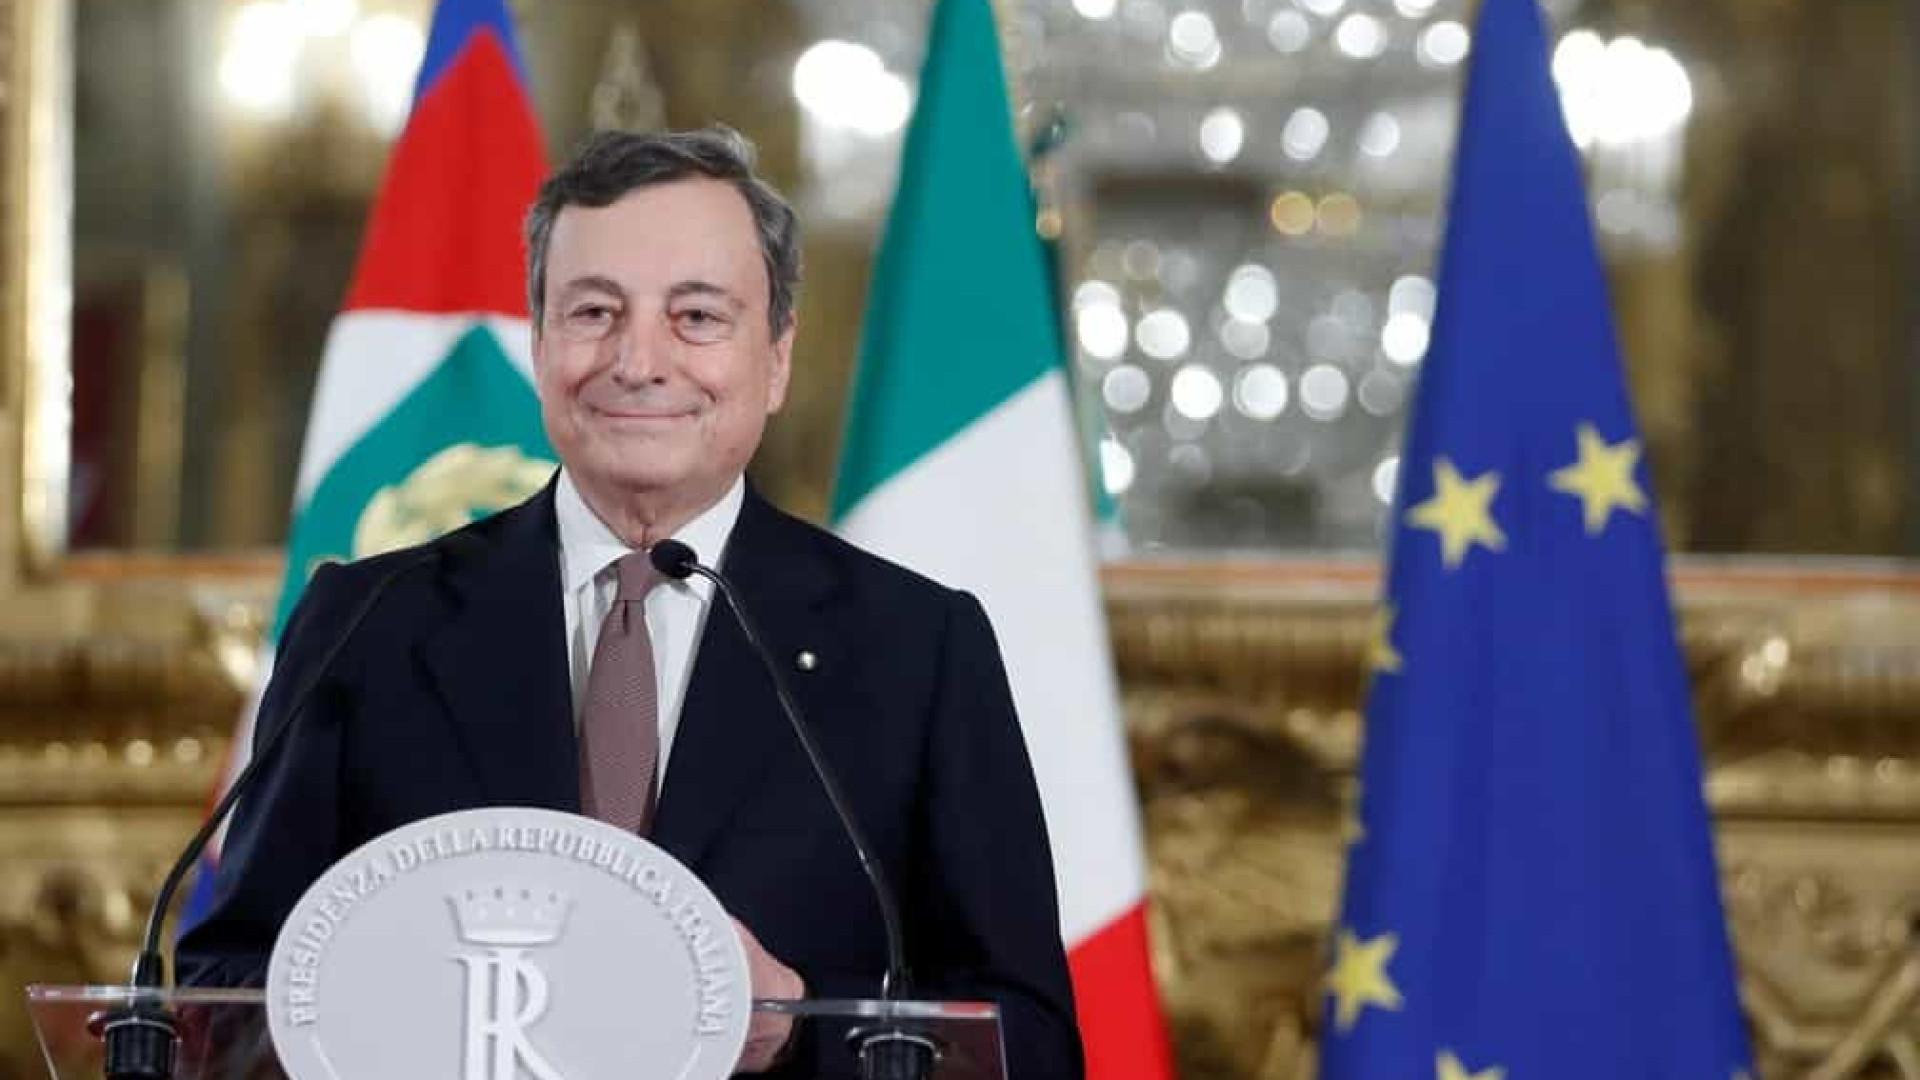 Coligação ampla no governo italiano abre espaço para radicais, diz cientista político